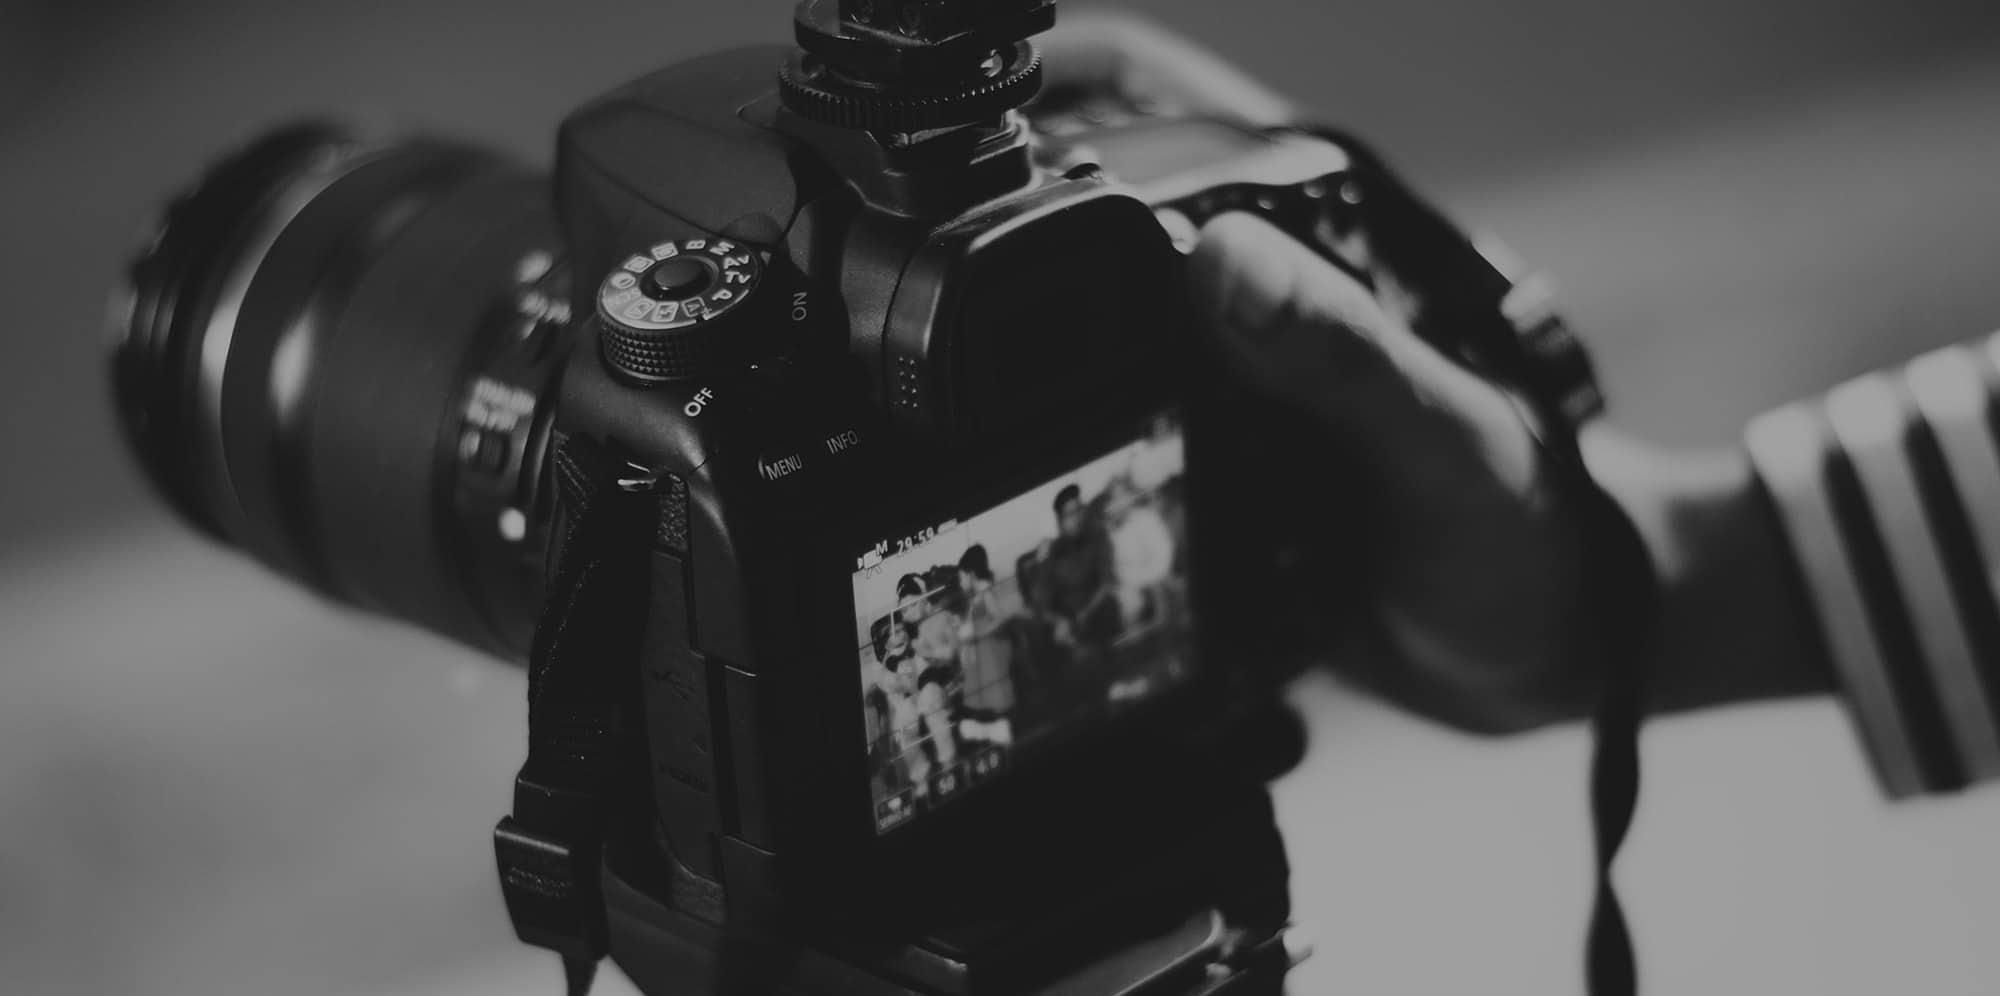 Reportaje fotográfico en estudio o en exterior